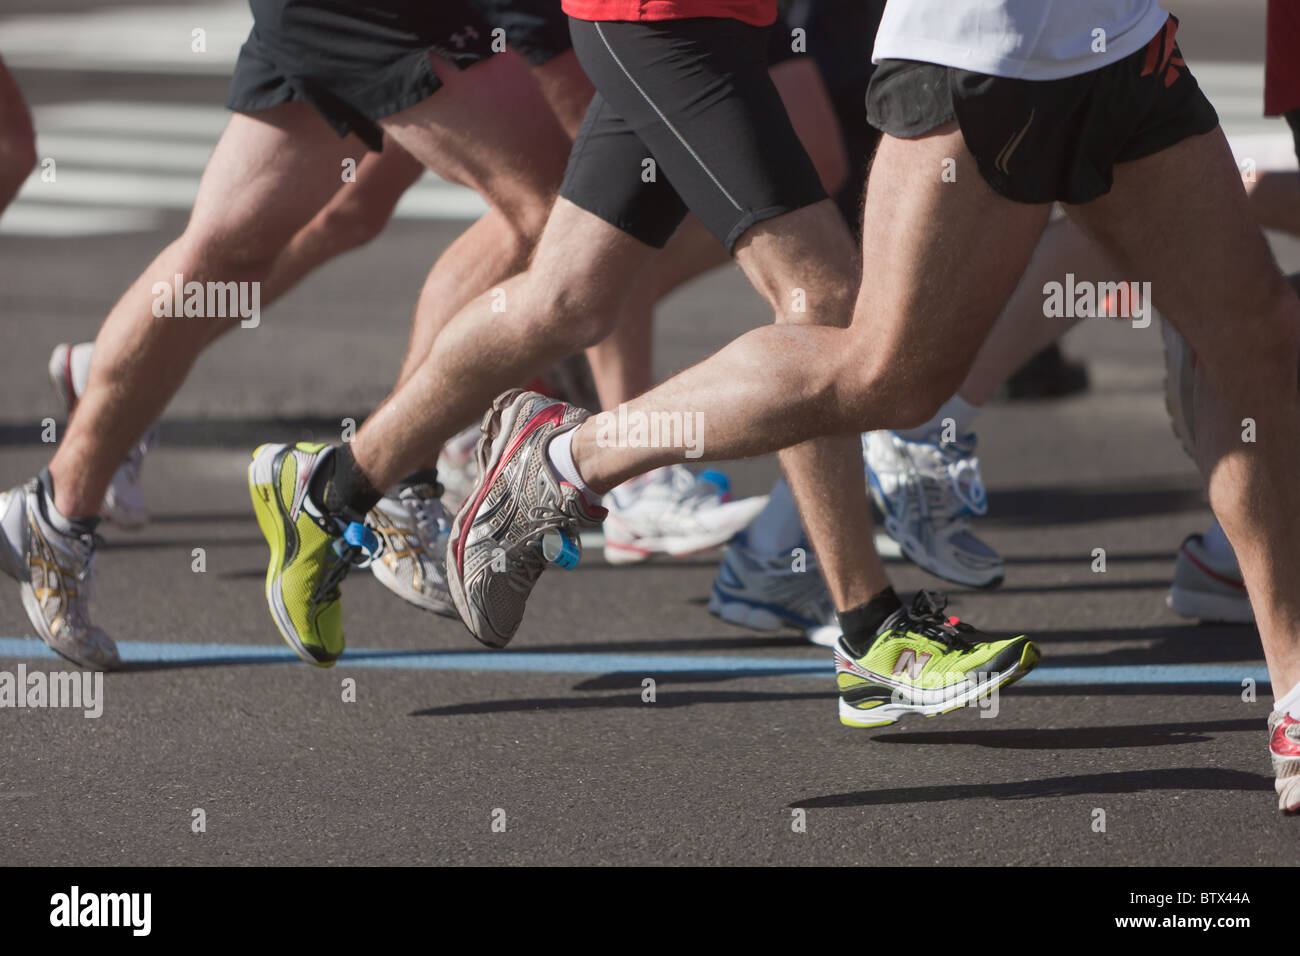 Le gambe e i piedi dei corridori durante il 2010 New York City Marathon. Immagini Stock